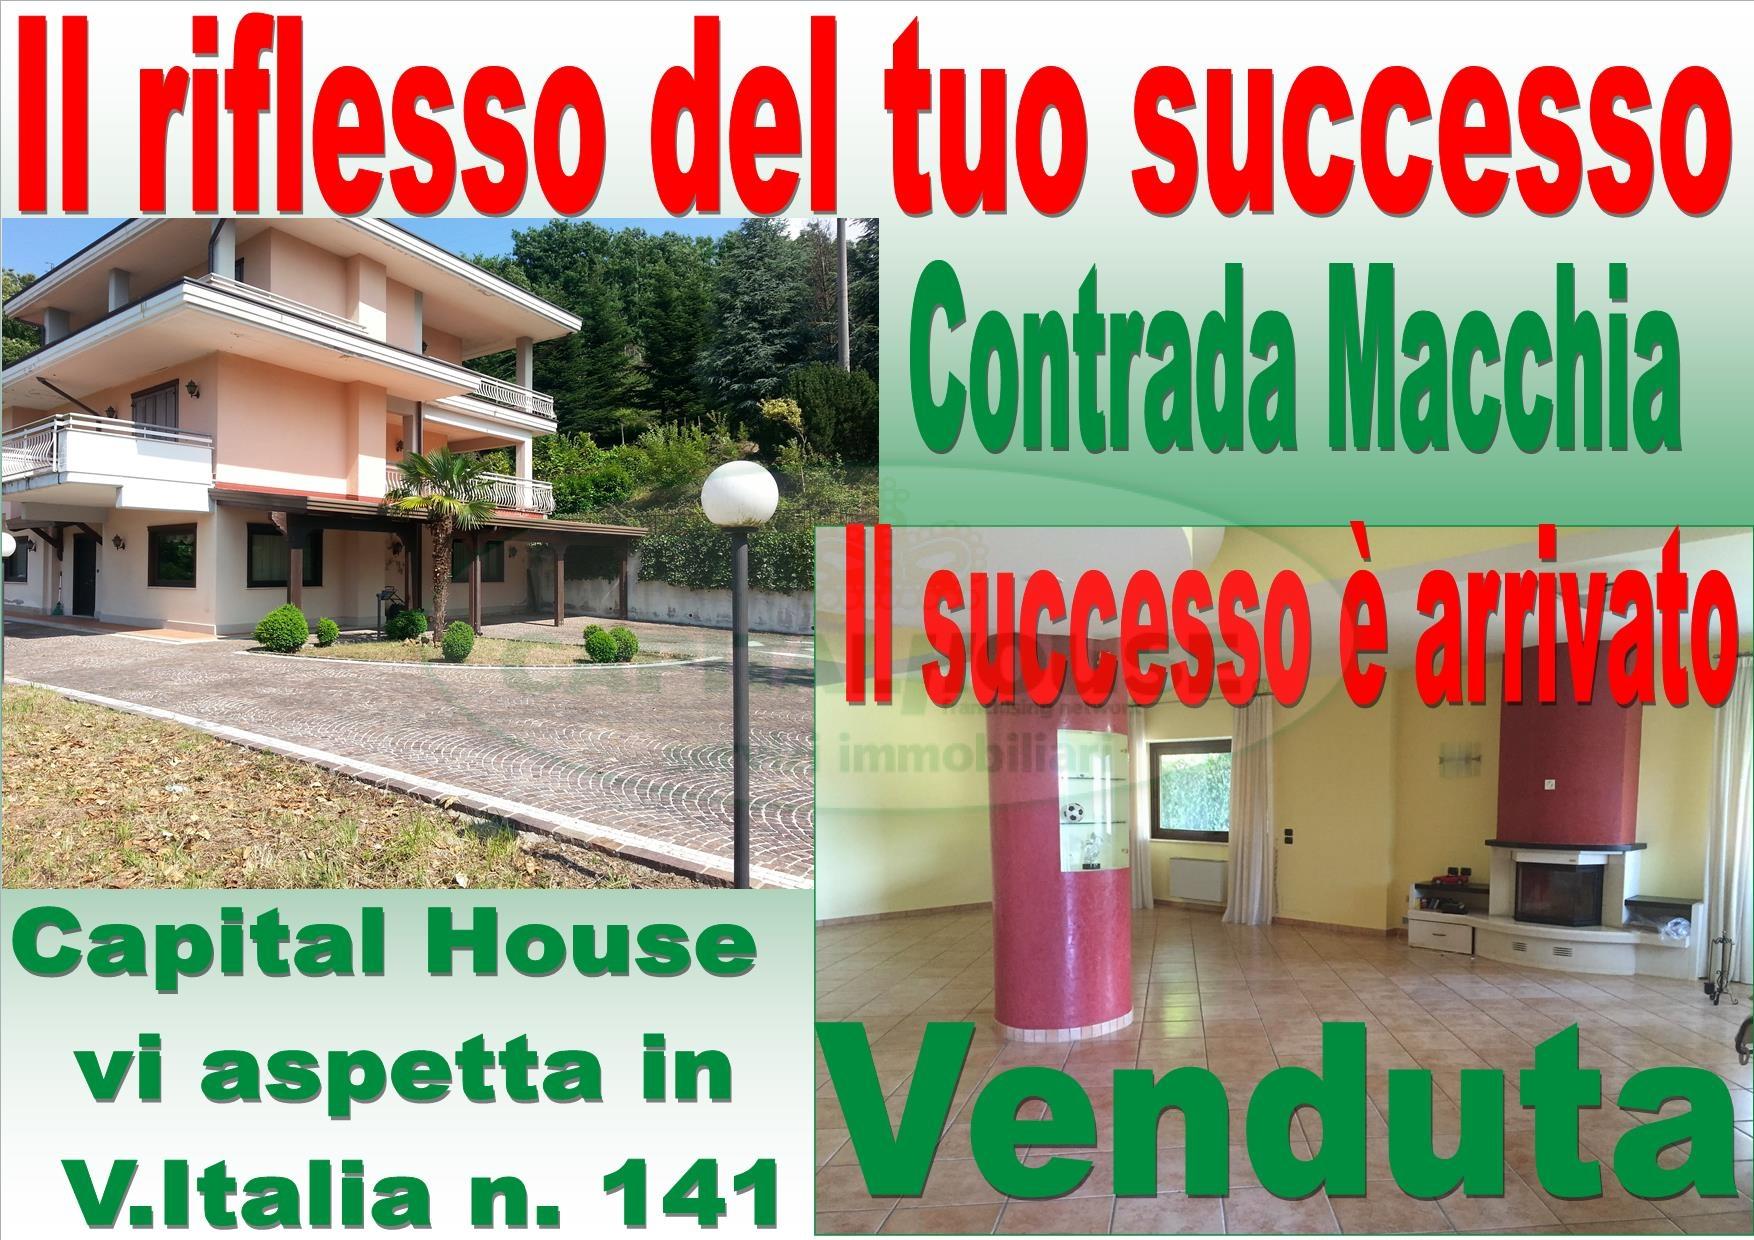 Villa in vendita a Avellino, 9 locali, zona Località: Contrada, Trattative riservate | CambioCasa.it